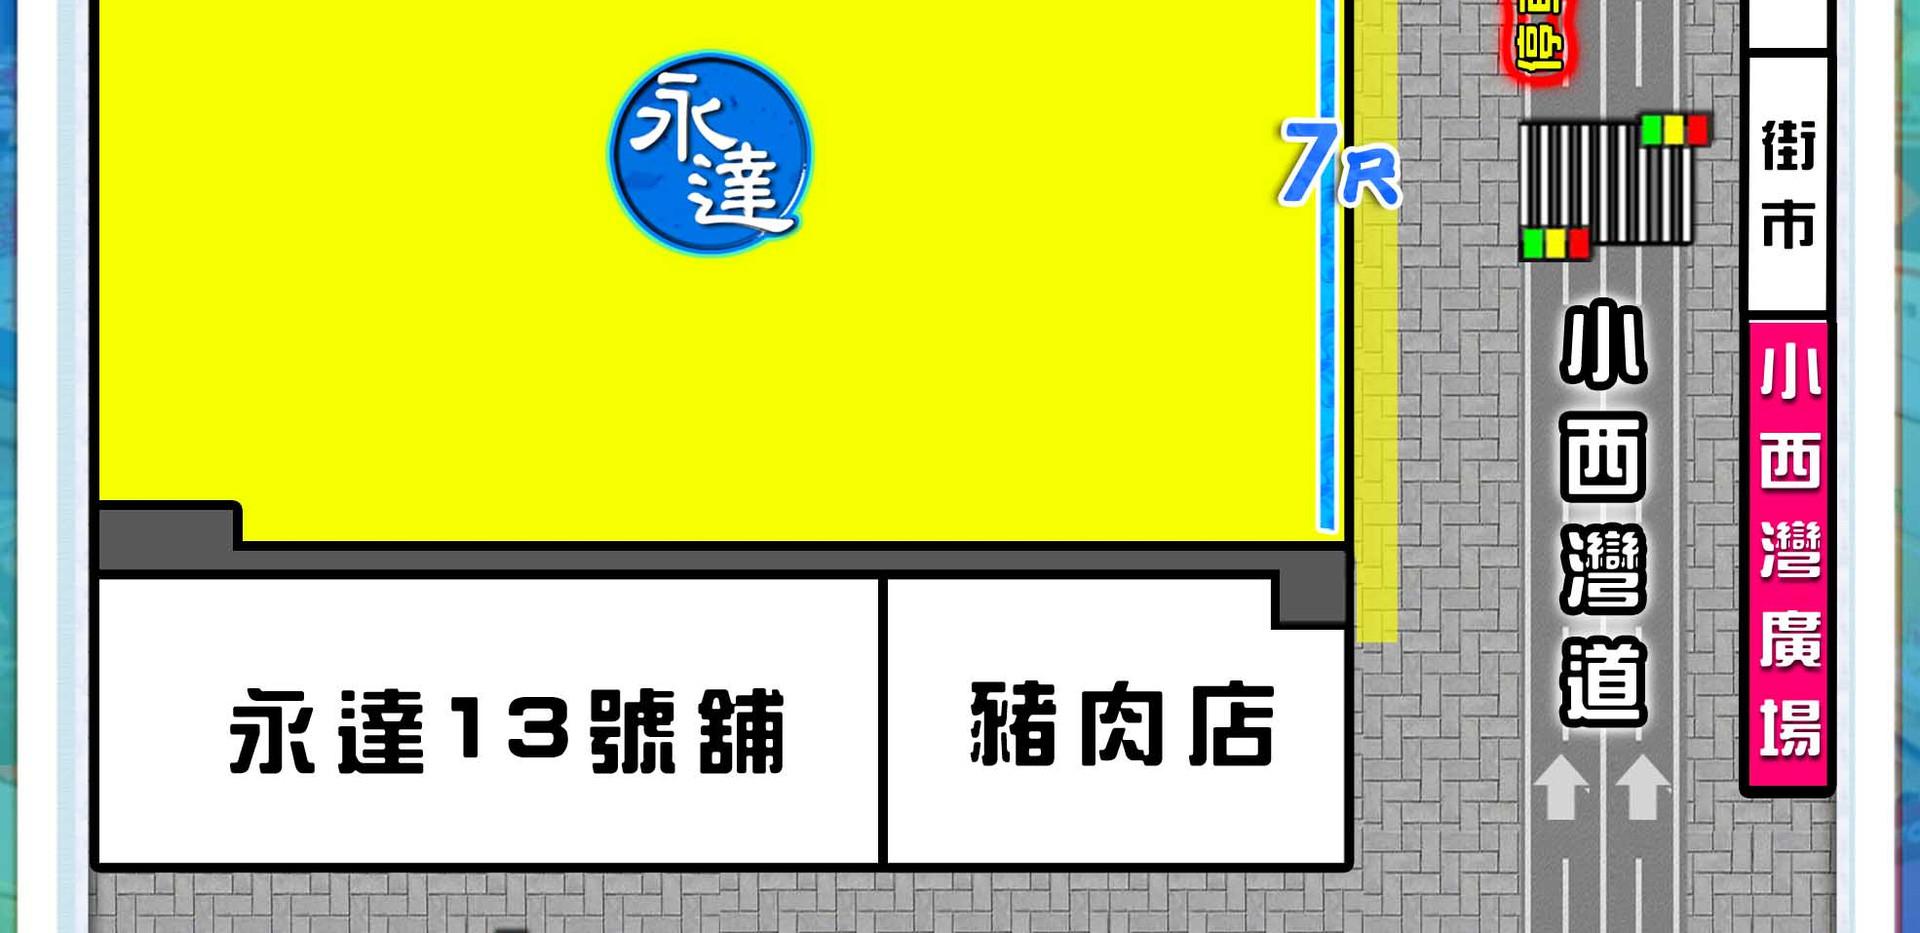 小西灣富怡花園14號拷貝.jpg